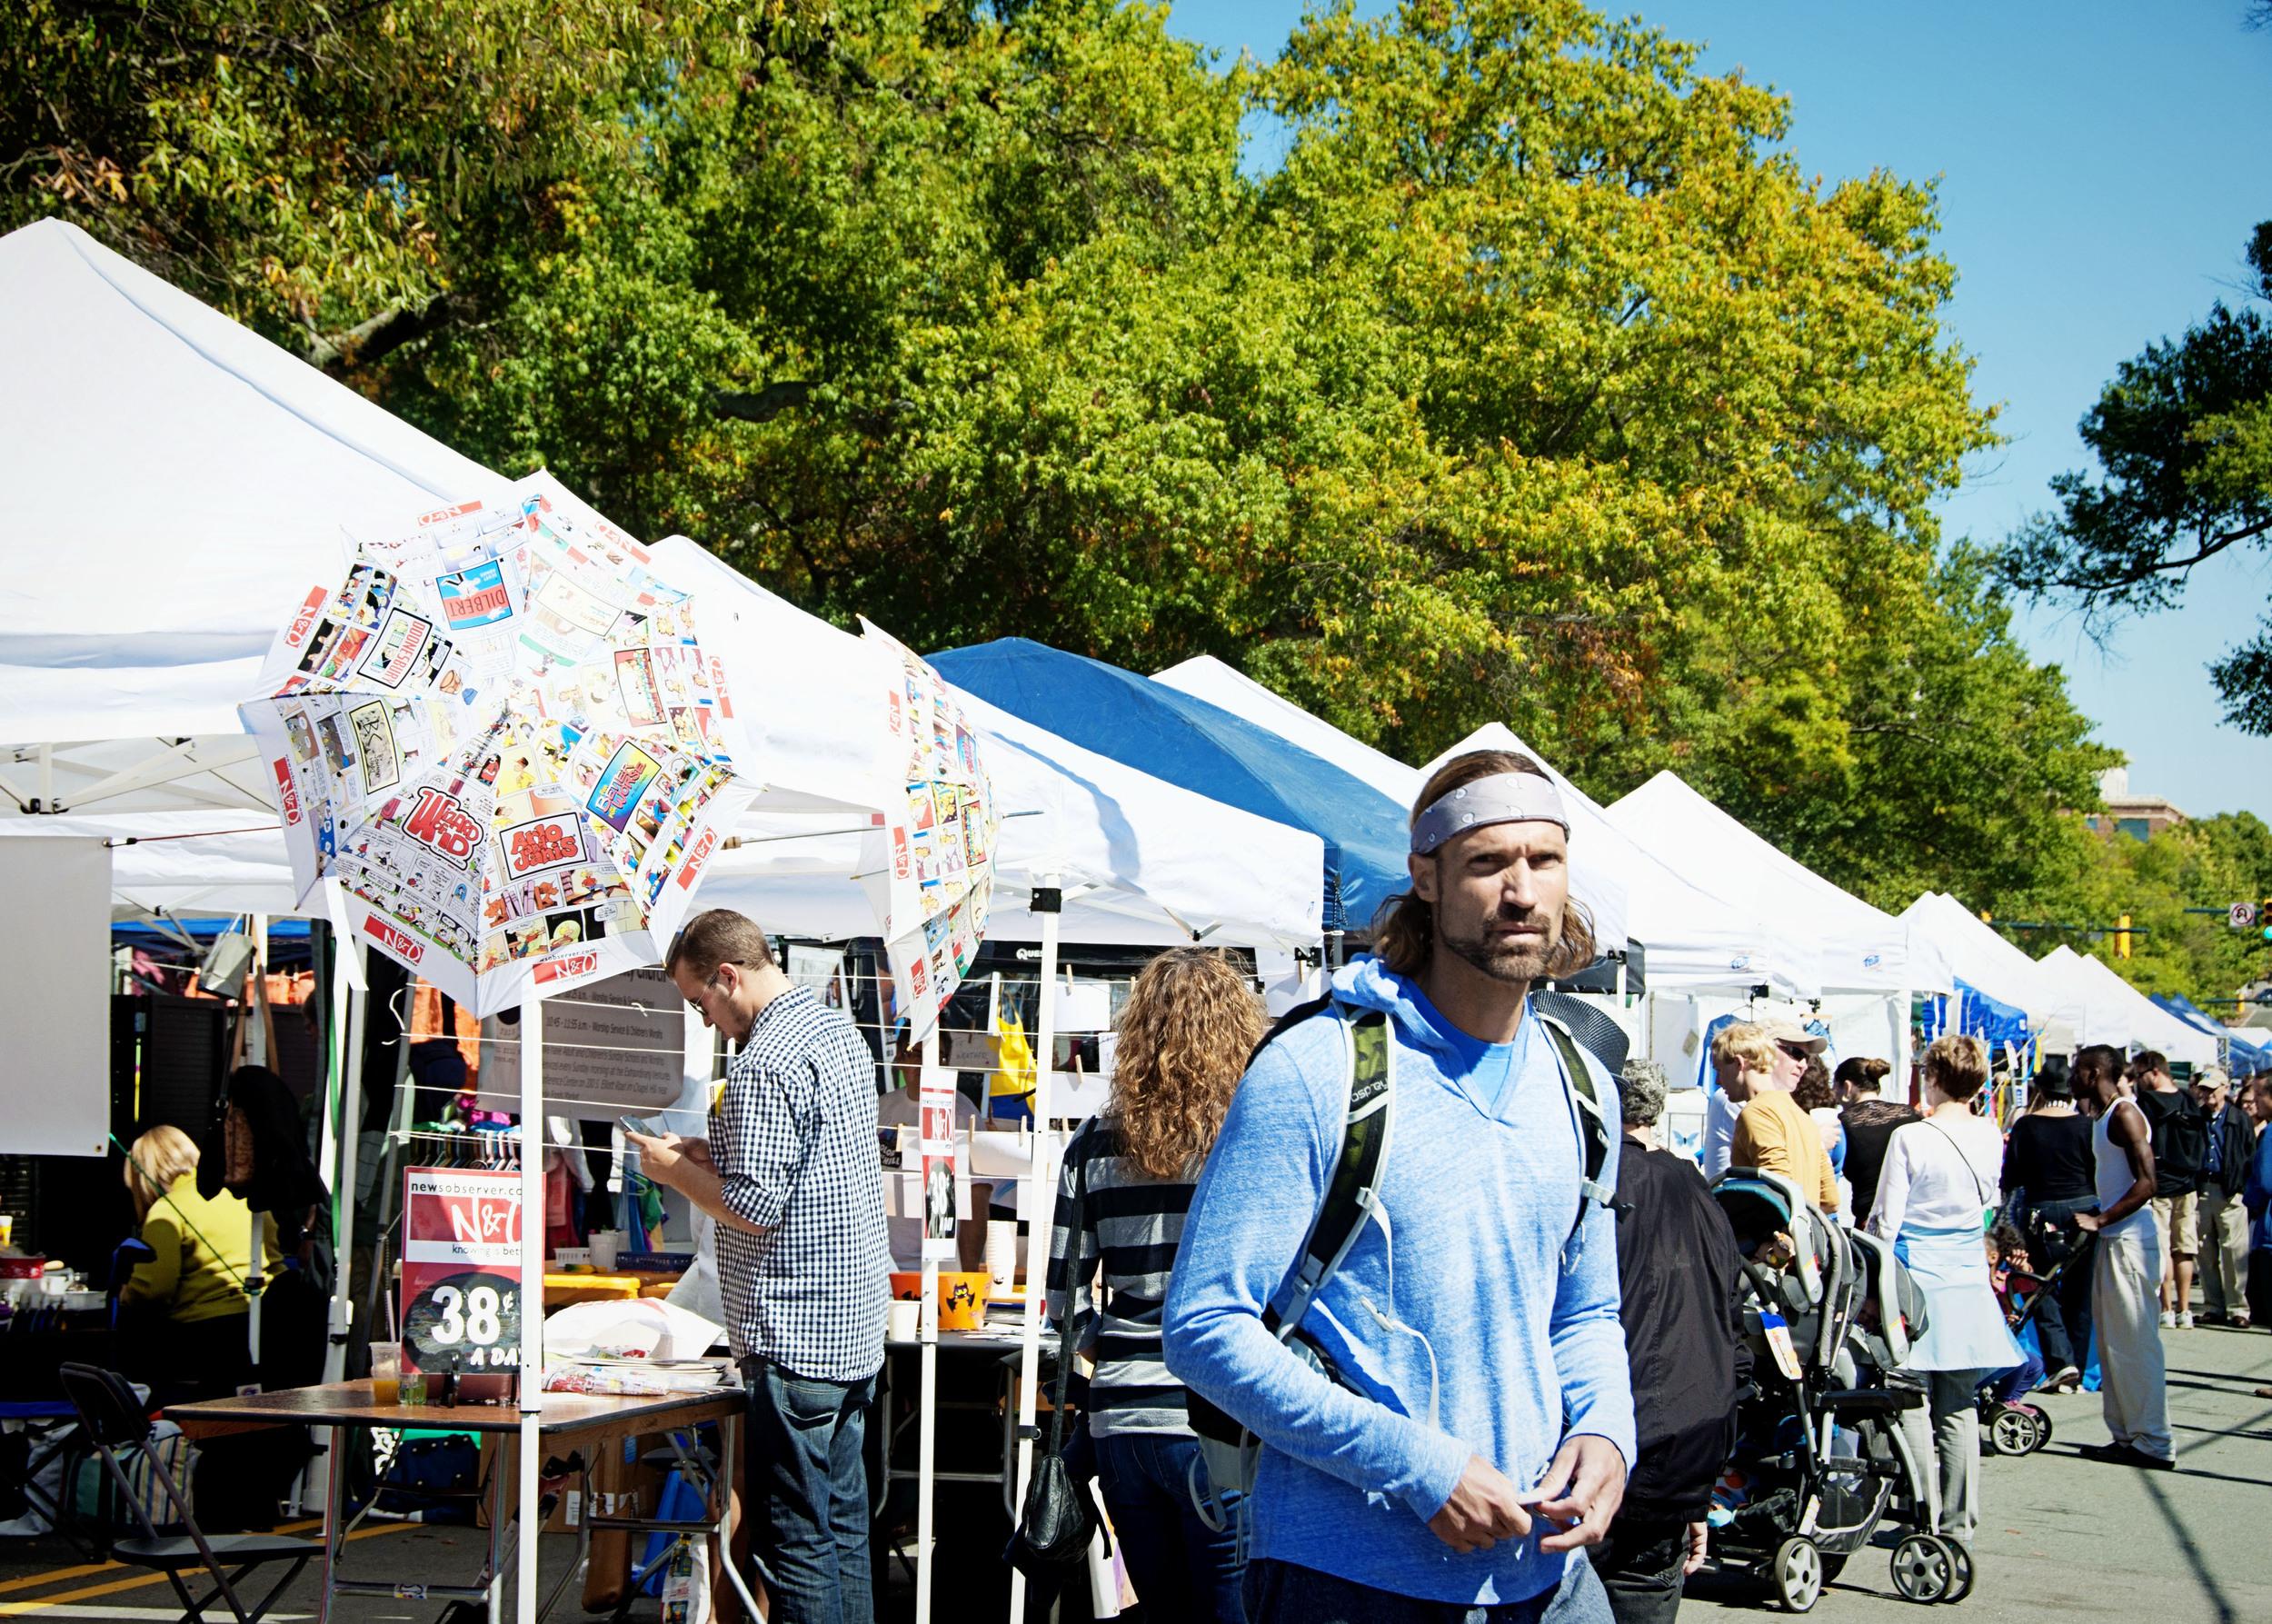 Chapel Hill Festifall 2014 - Franklin Street - NC